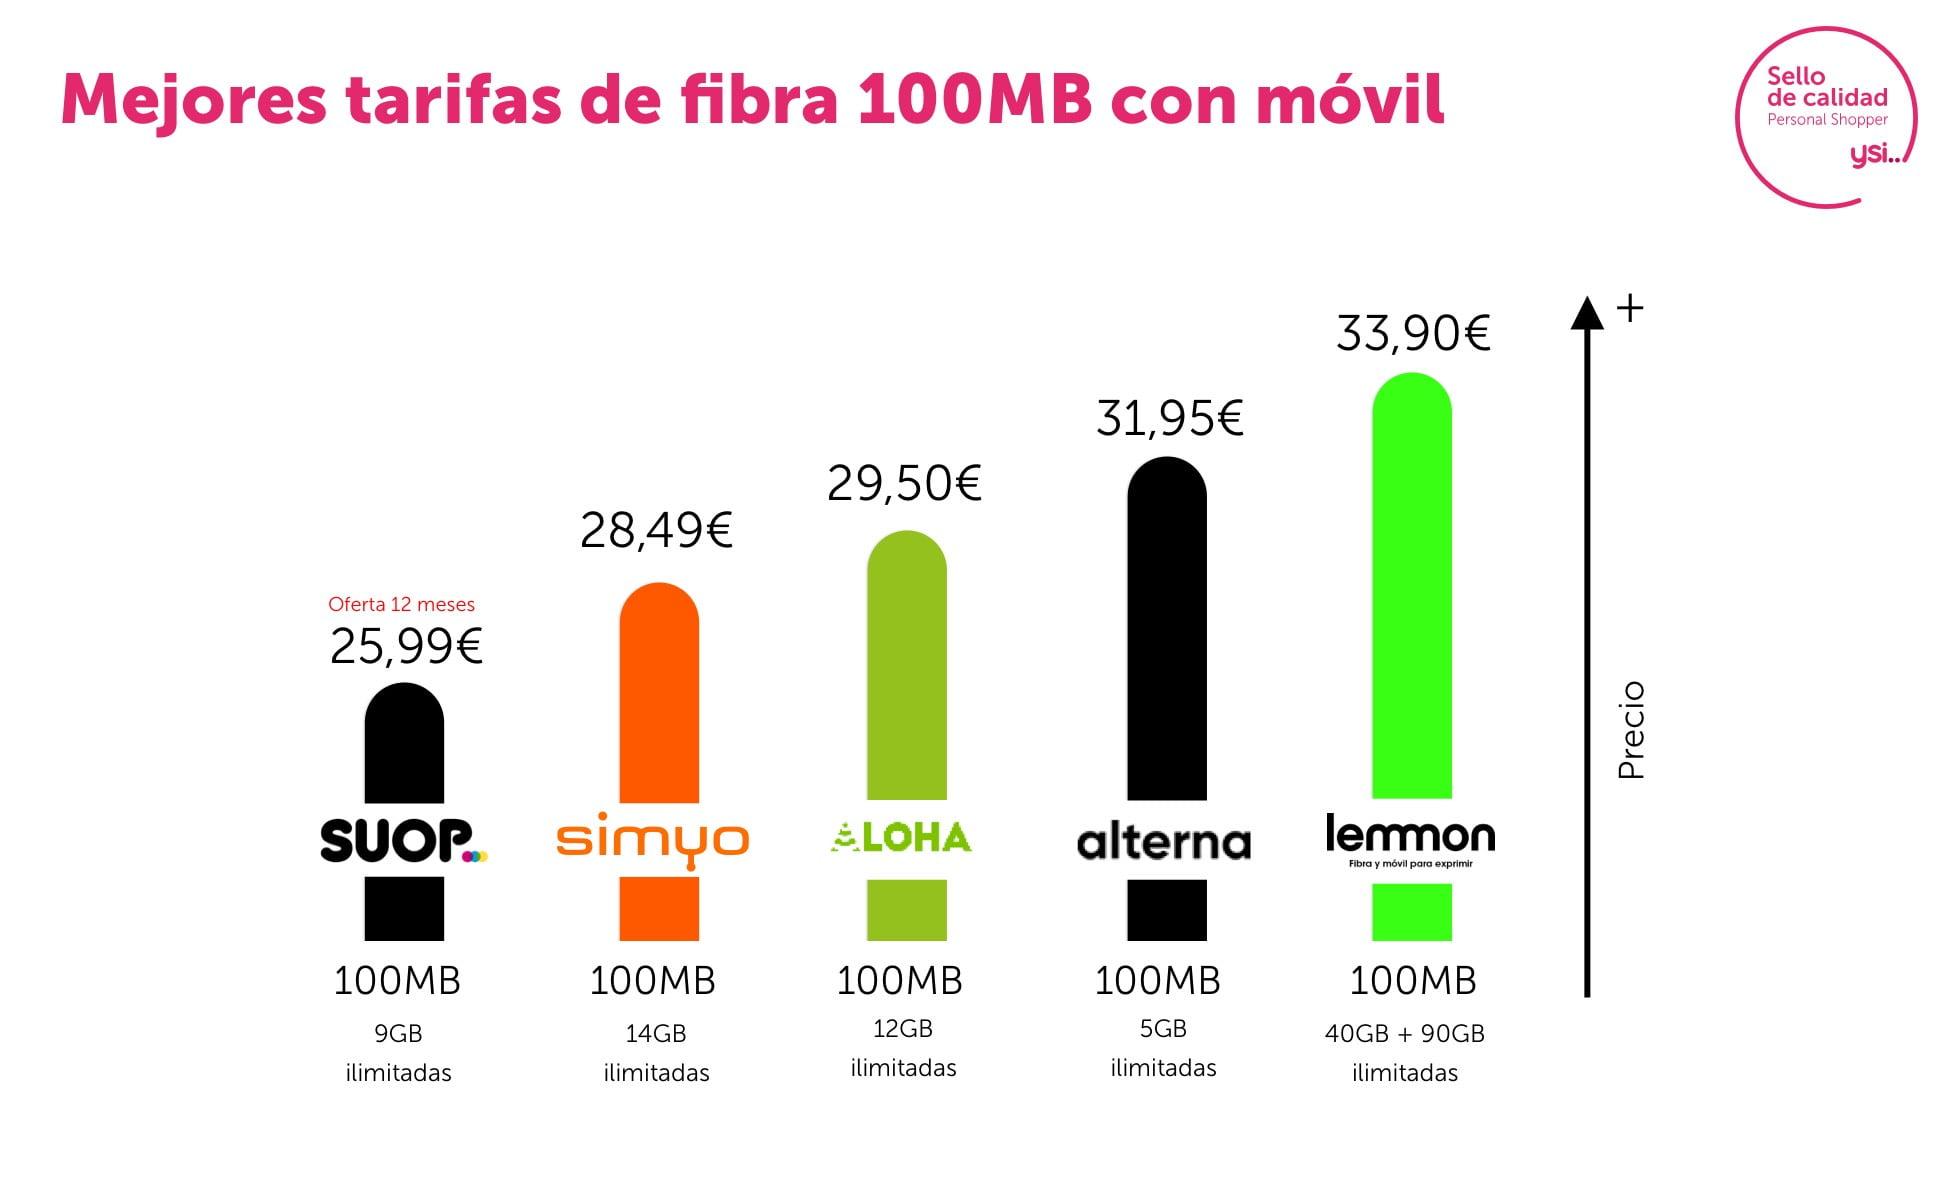 Mejores tarifas de combinados fibra y móvil